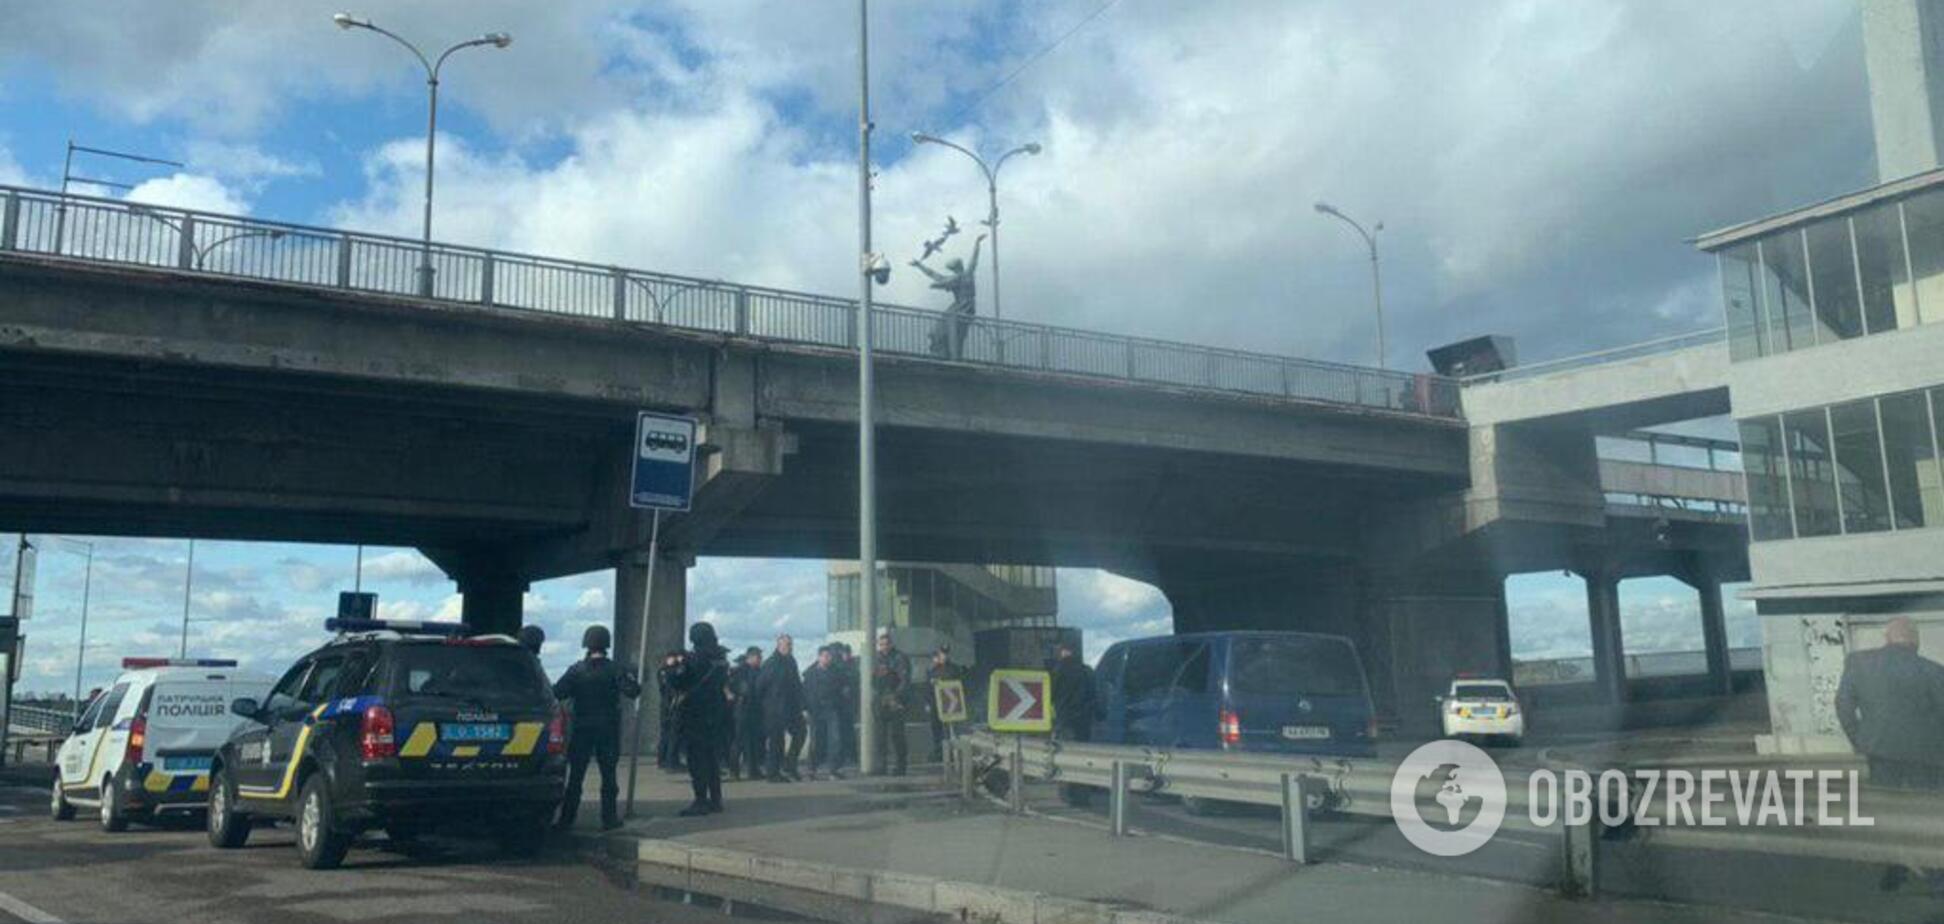 В Киеве из-за 'минирования' перекрыли часть метро